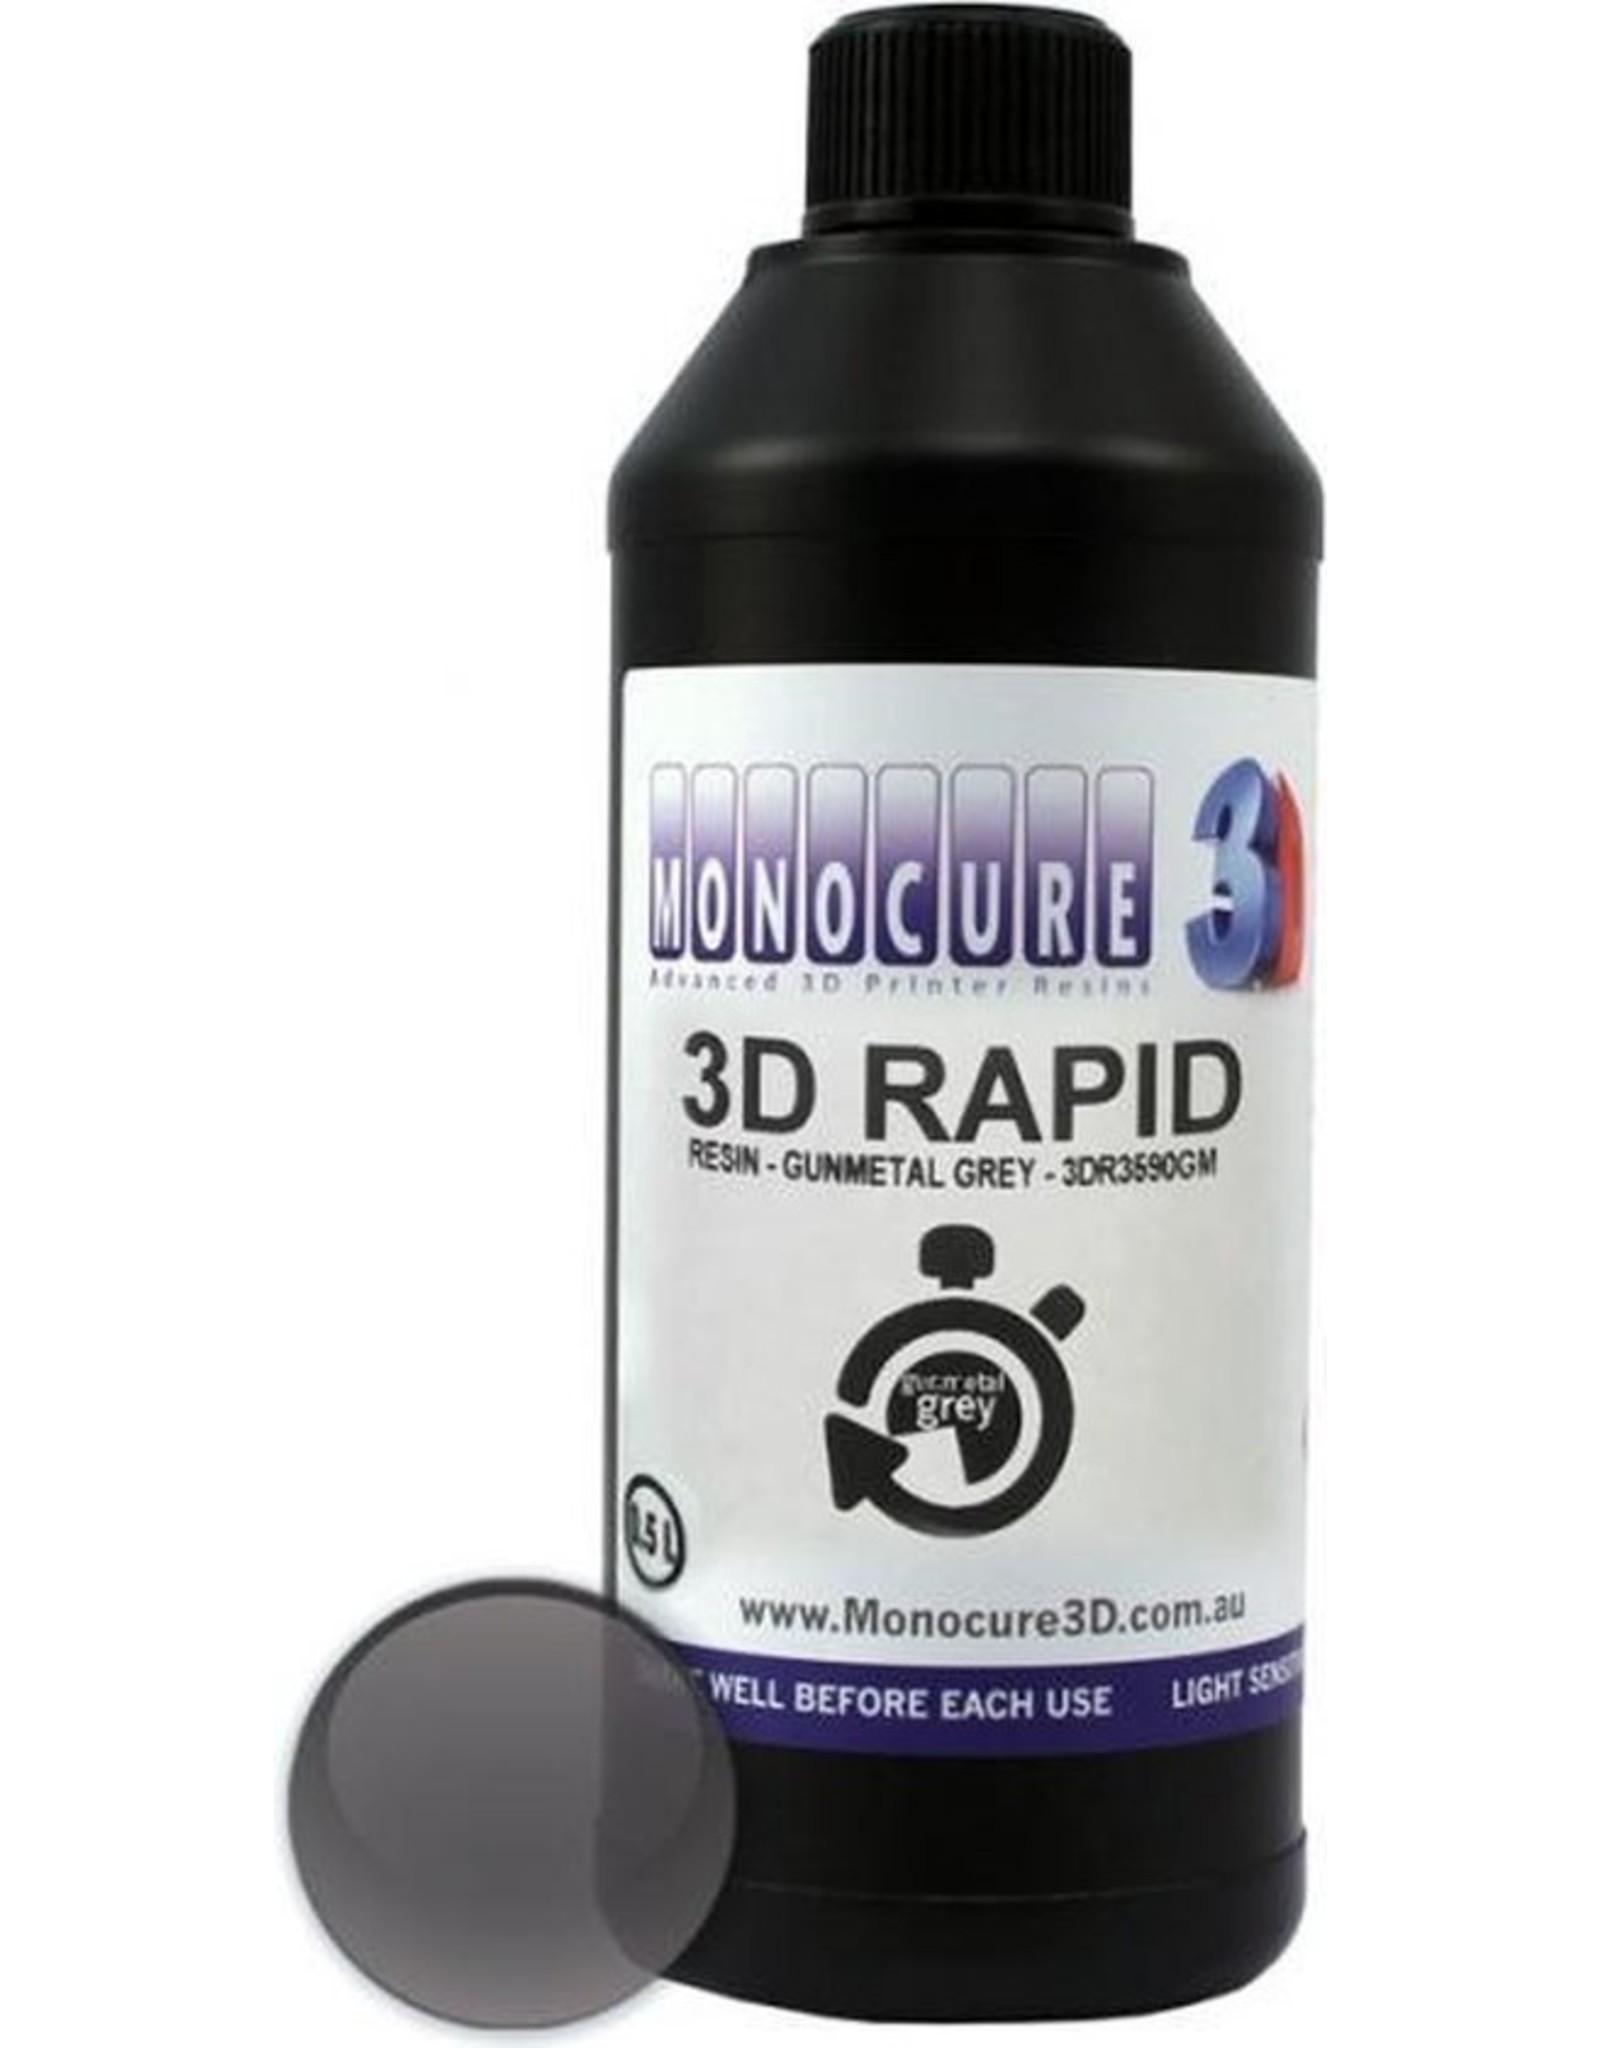 Monocure3D Monocure 3D Rapid Resin Staal Grijs